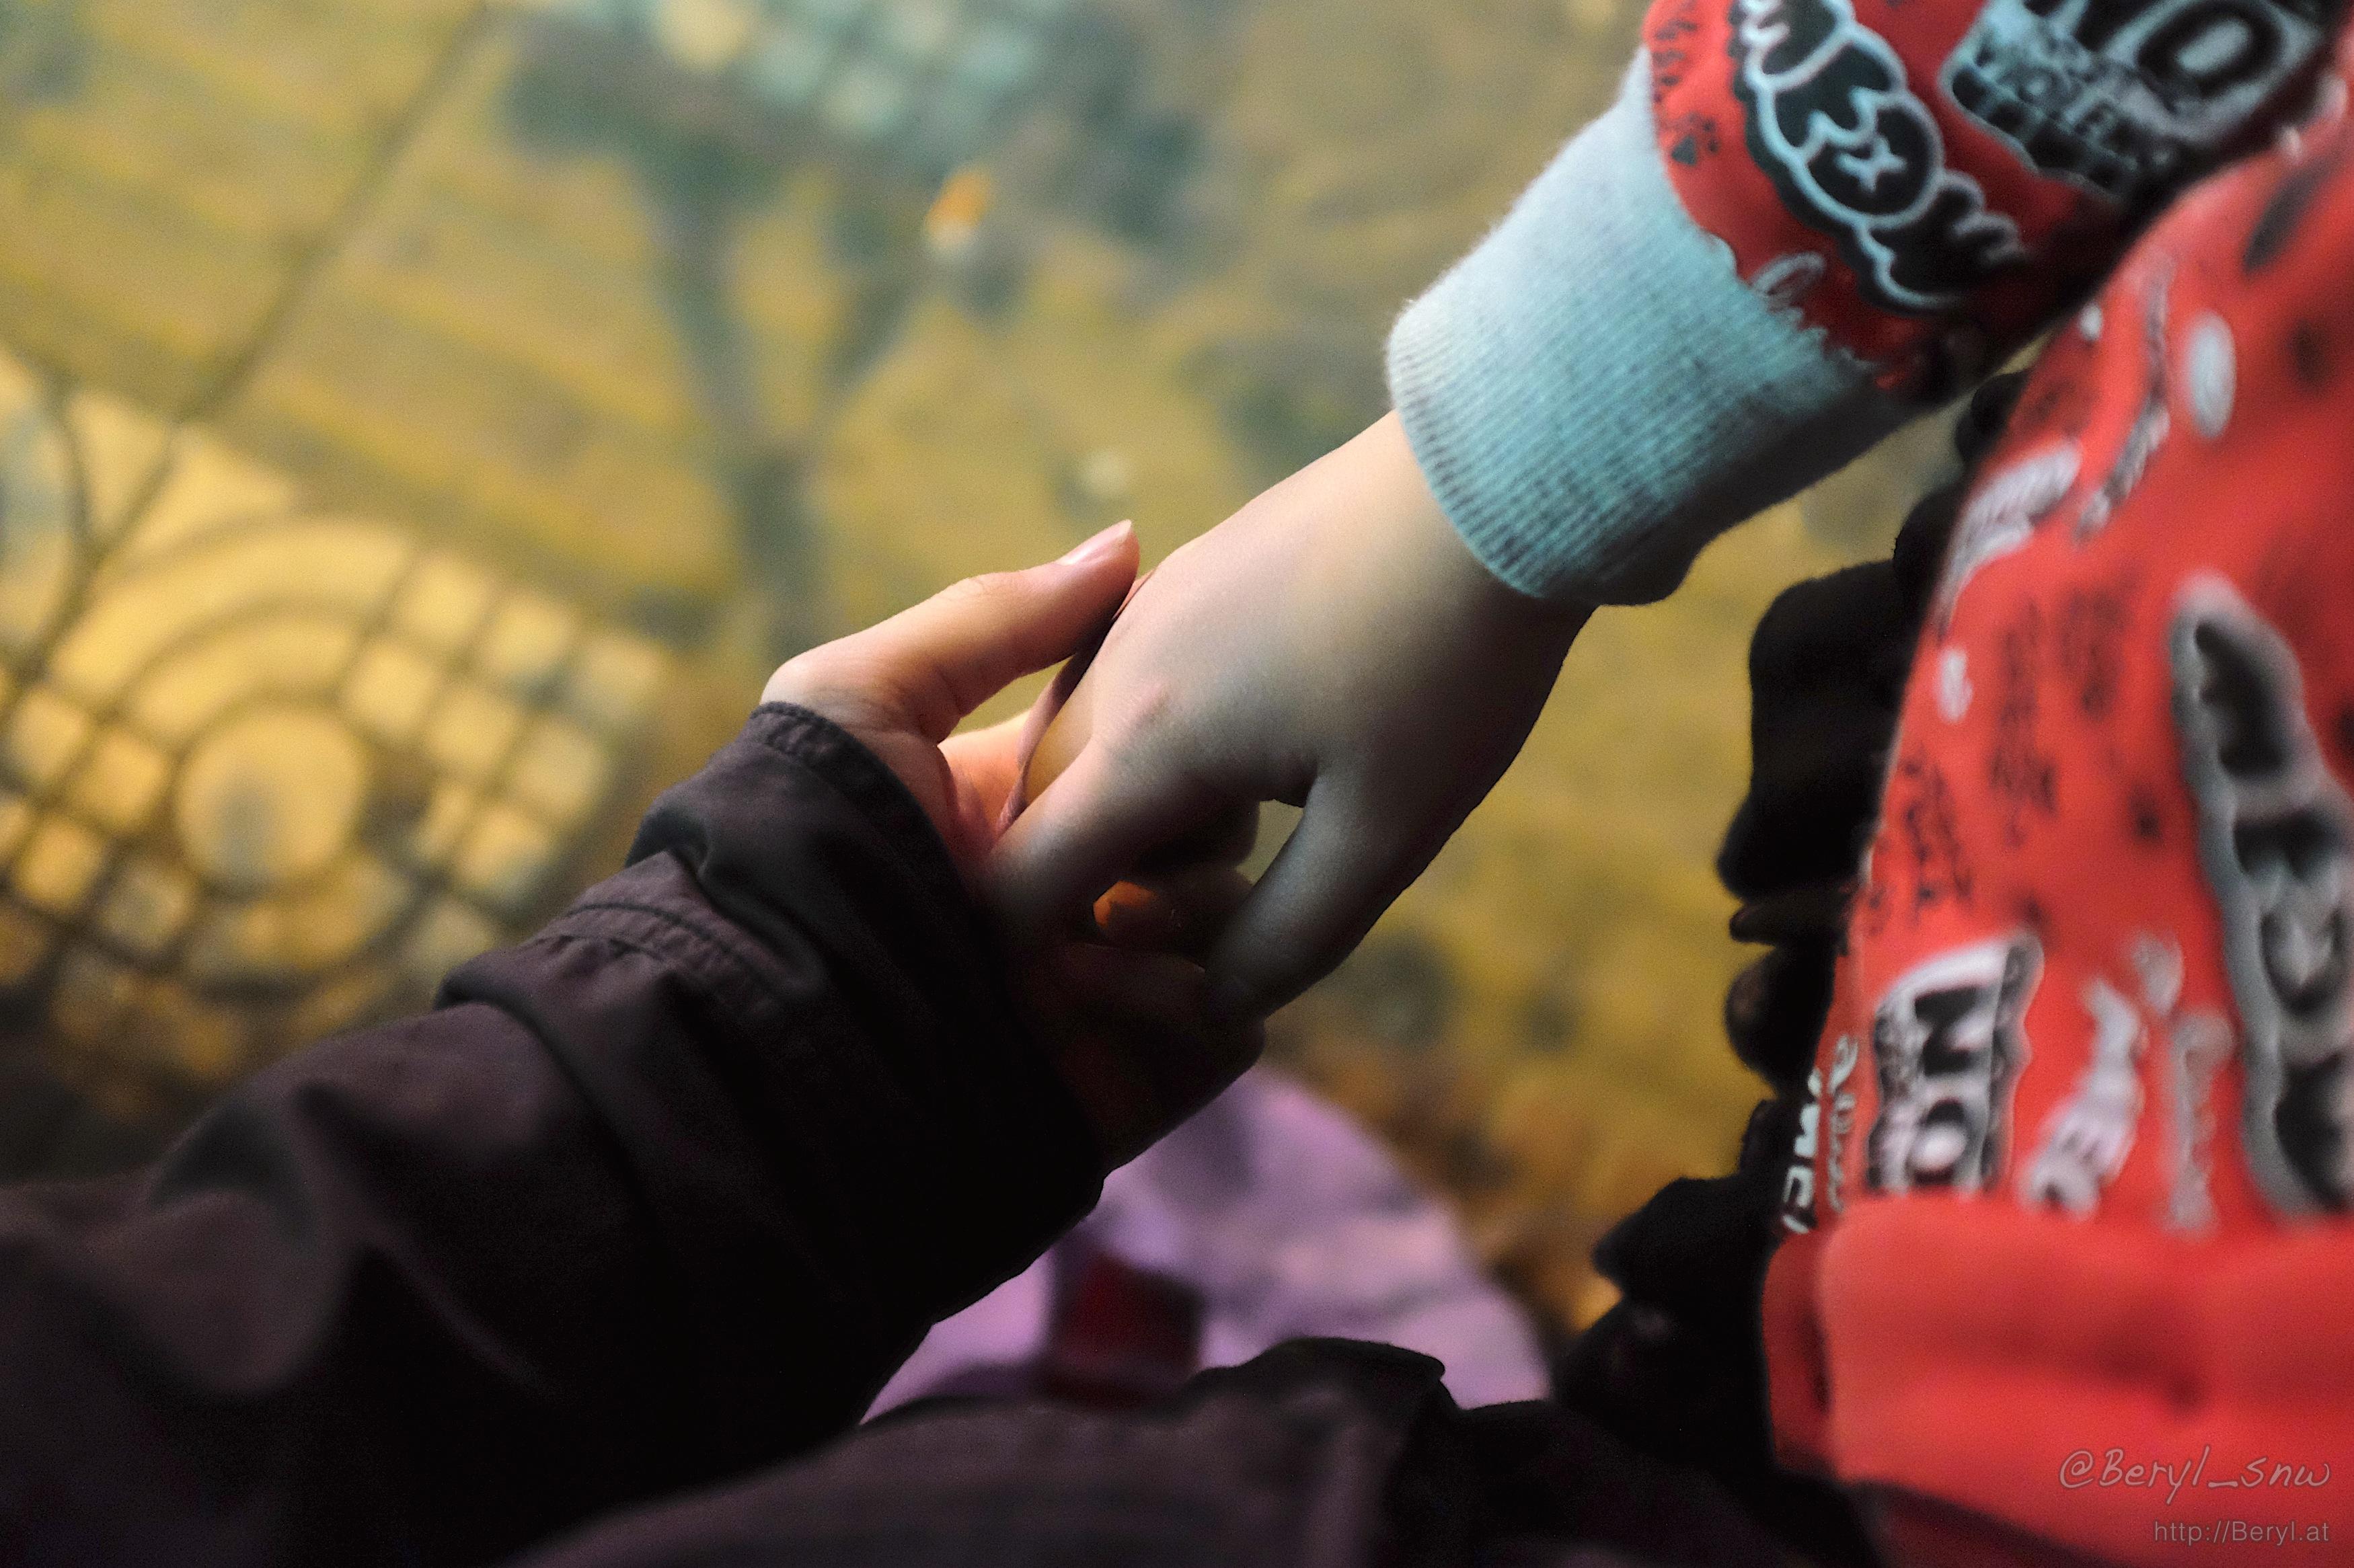 Gambar Pegangan Tangan Romantis Hitam Putih Nusagates